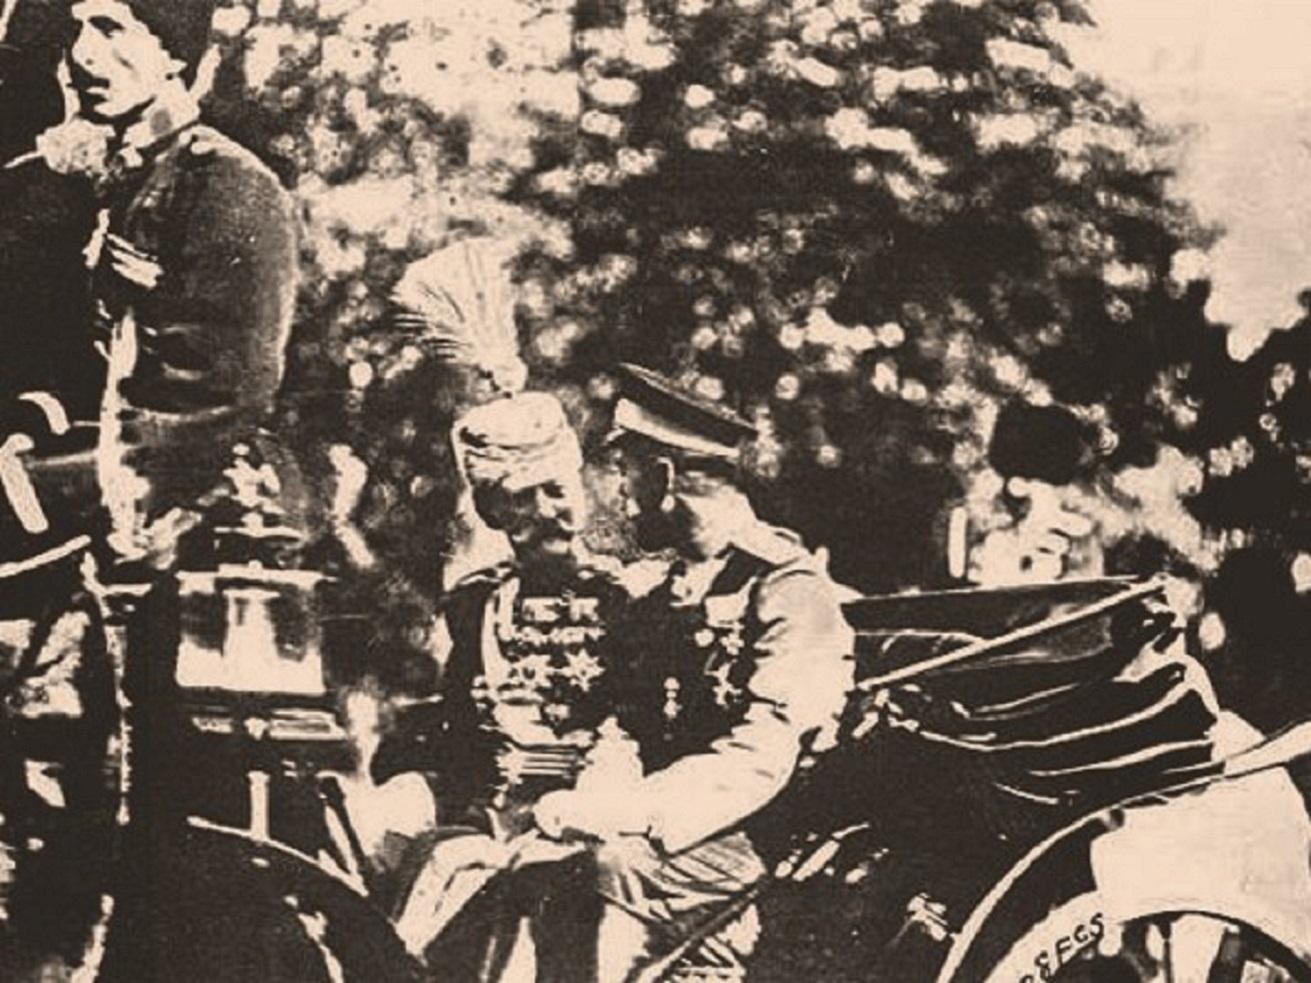 Цар Николај Други и краљ Петар Први, Санкт Петербург 1910. Извор: Архивска фотографија